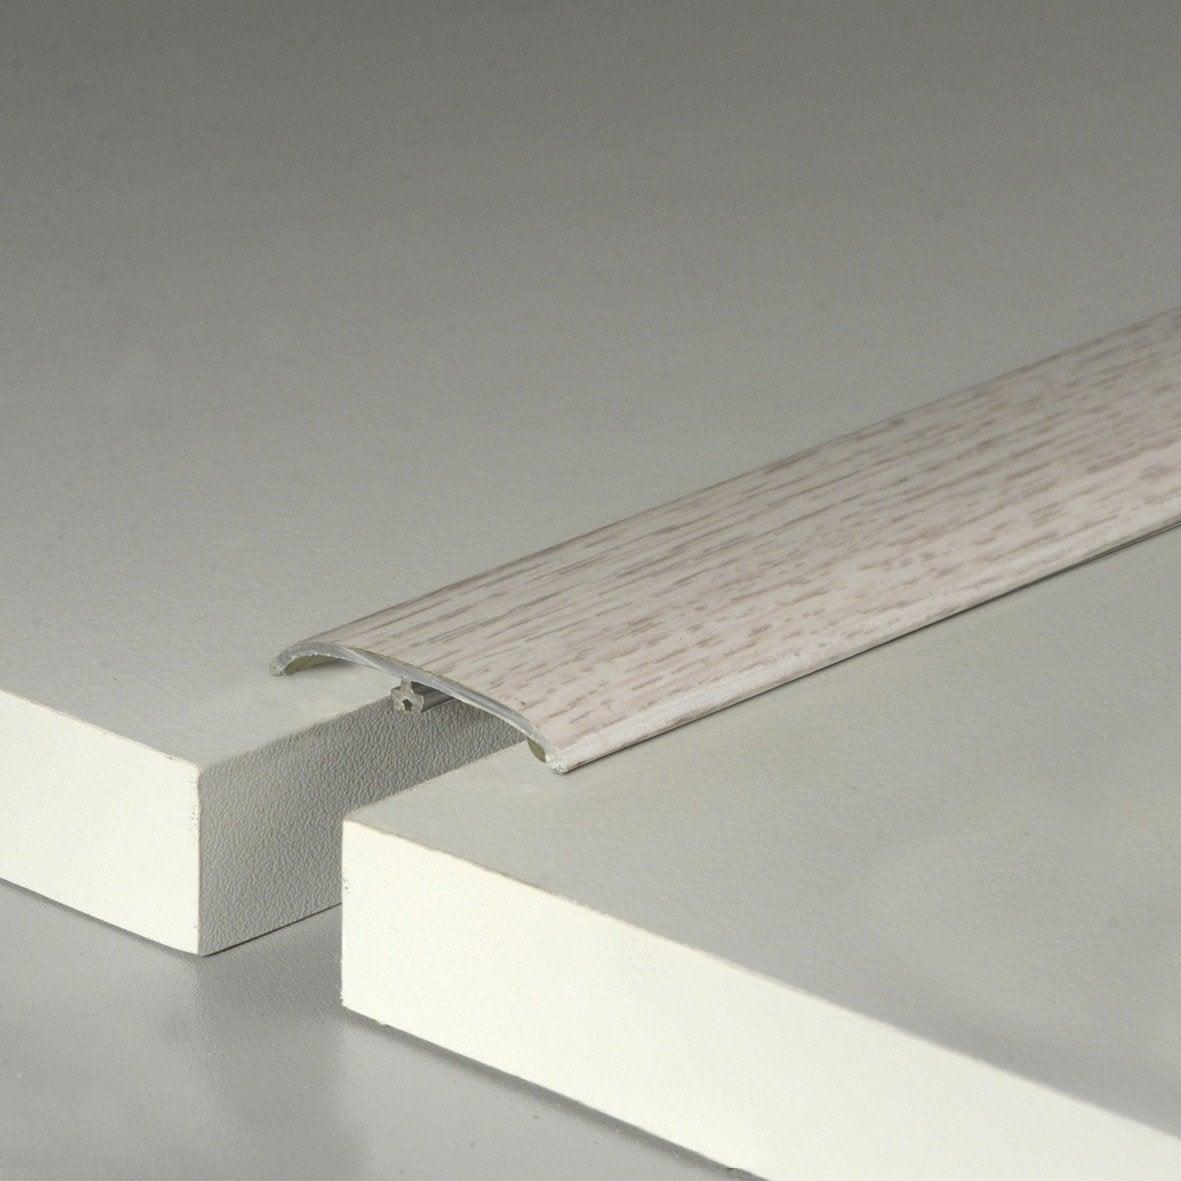 Barre de seuil effet ch taignier blanc pour sol stratifi for Barre de seuil carrelage